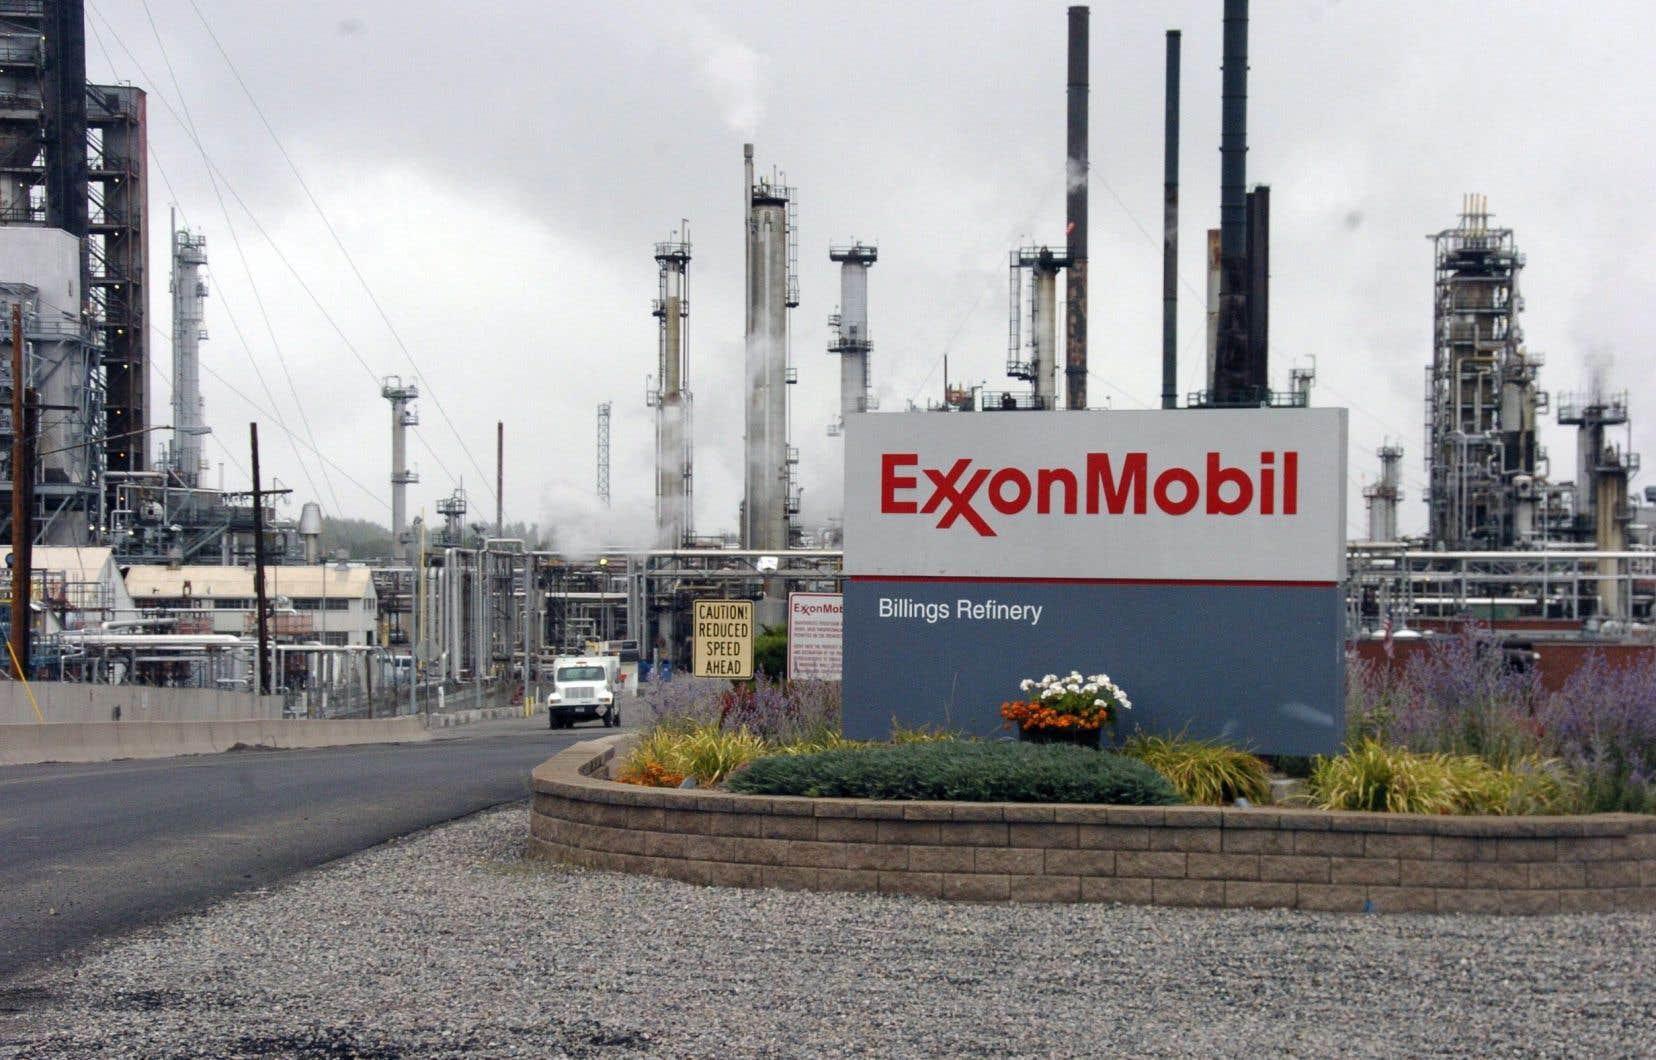 En 2017, les actionnaires de ExxonMobil ont voté à la majorité une résolution demandant à l'entreprise d'améliorer la divulgation d'information au sujet de l'impact financier de ses politiques.